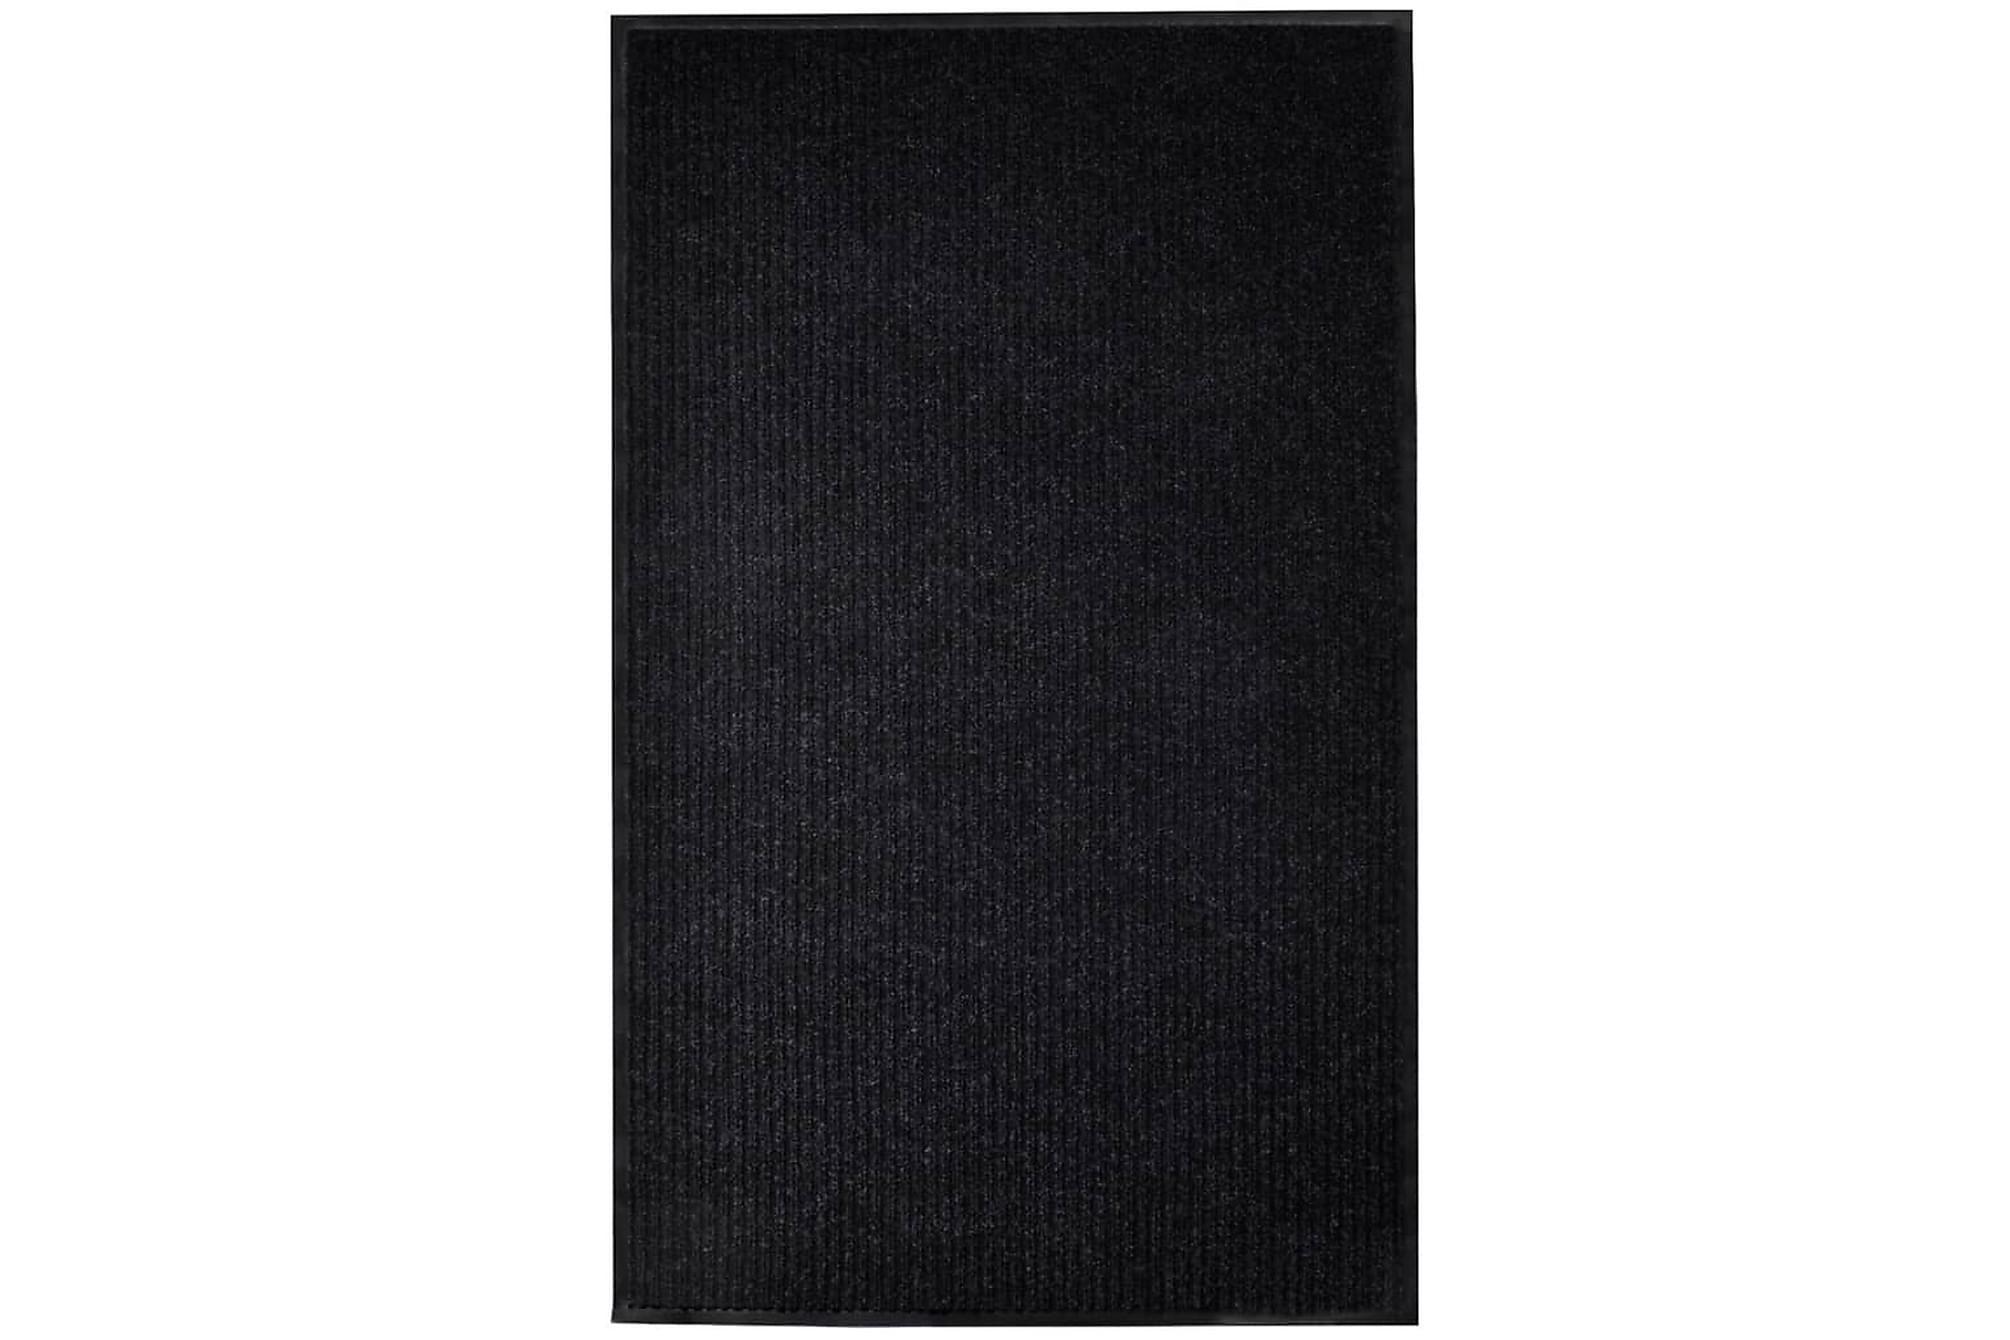 Dörrmatta svart 160x220 cm PVC, Dörrmattor & entrémattor